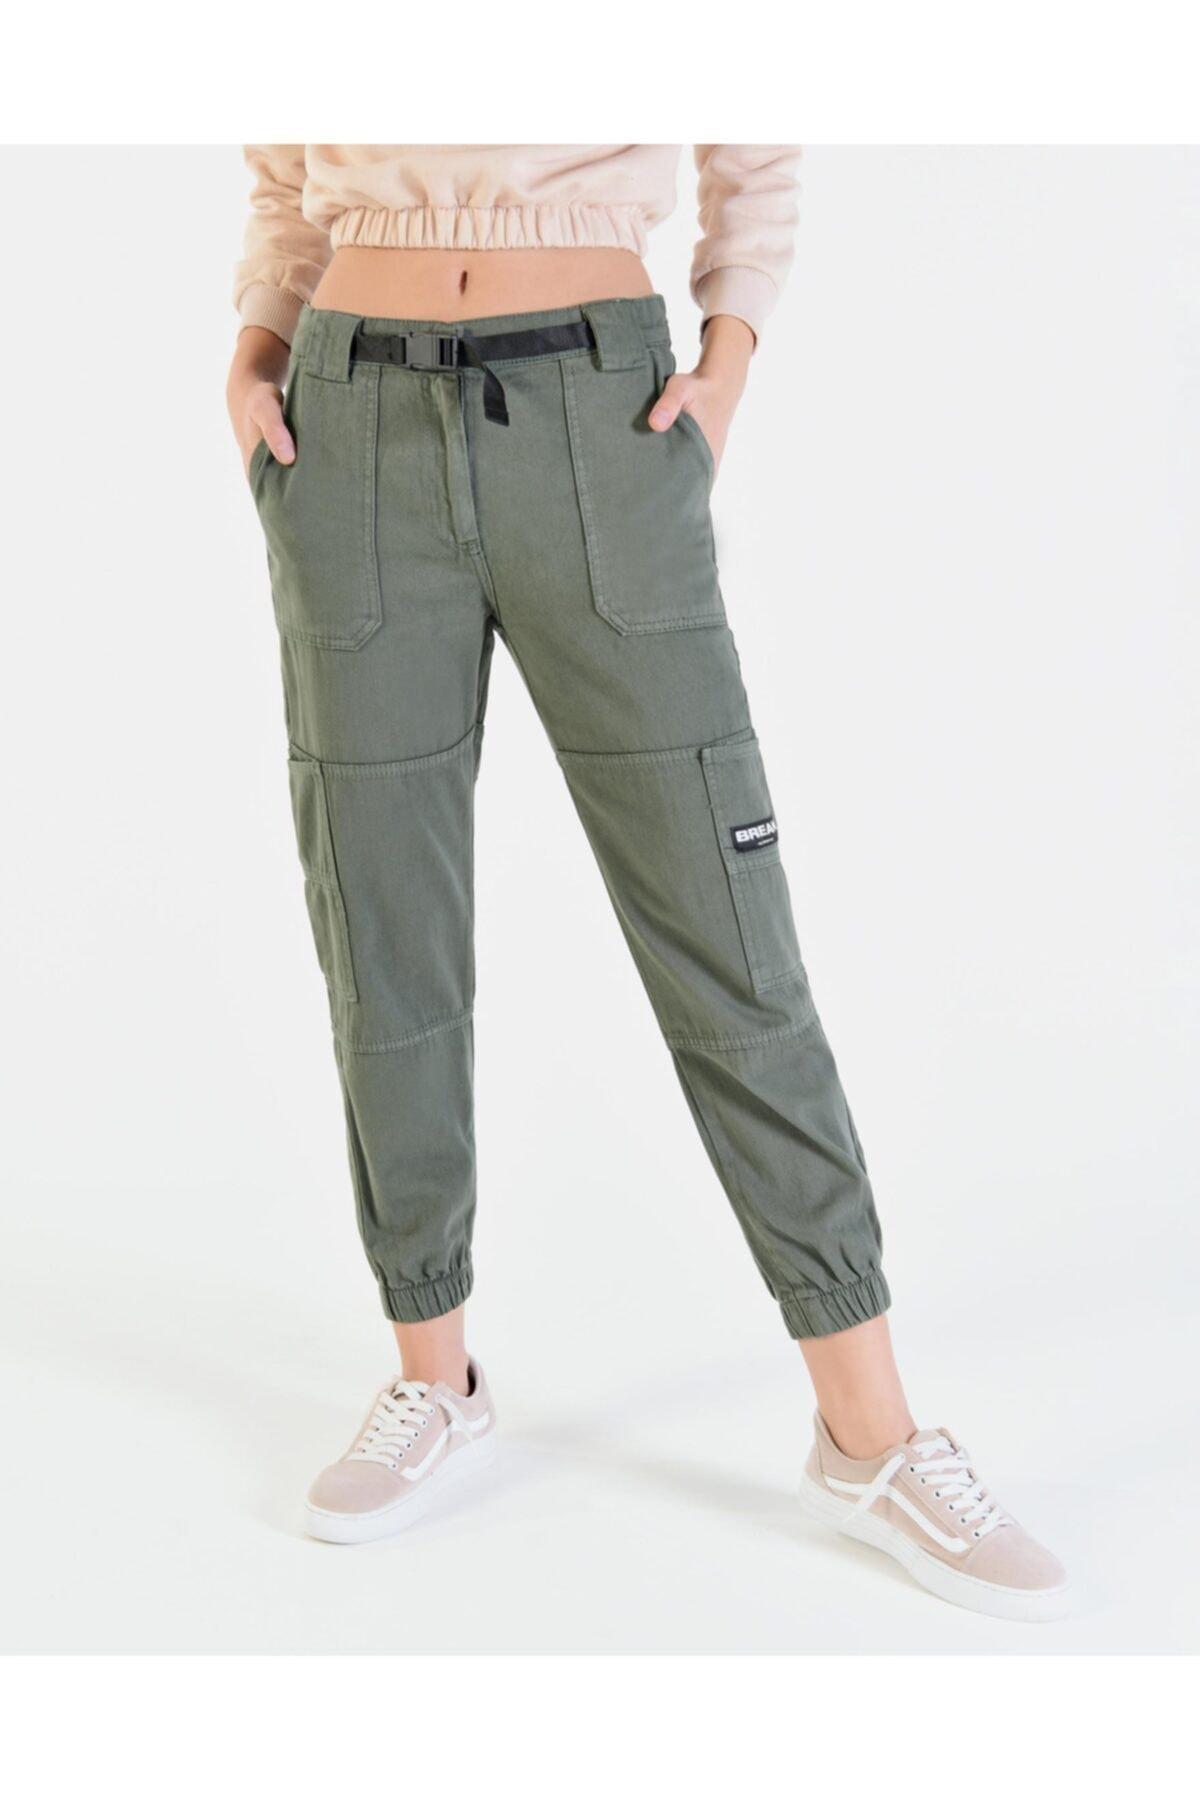 Vision Kadın Haki Cep Detaylı Kargo Pantolon 1